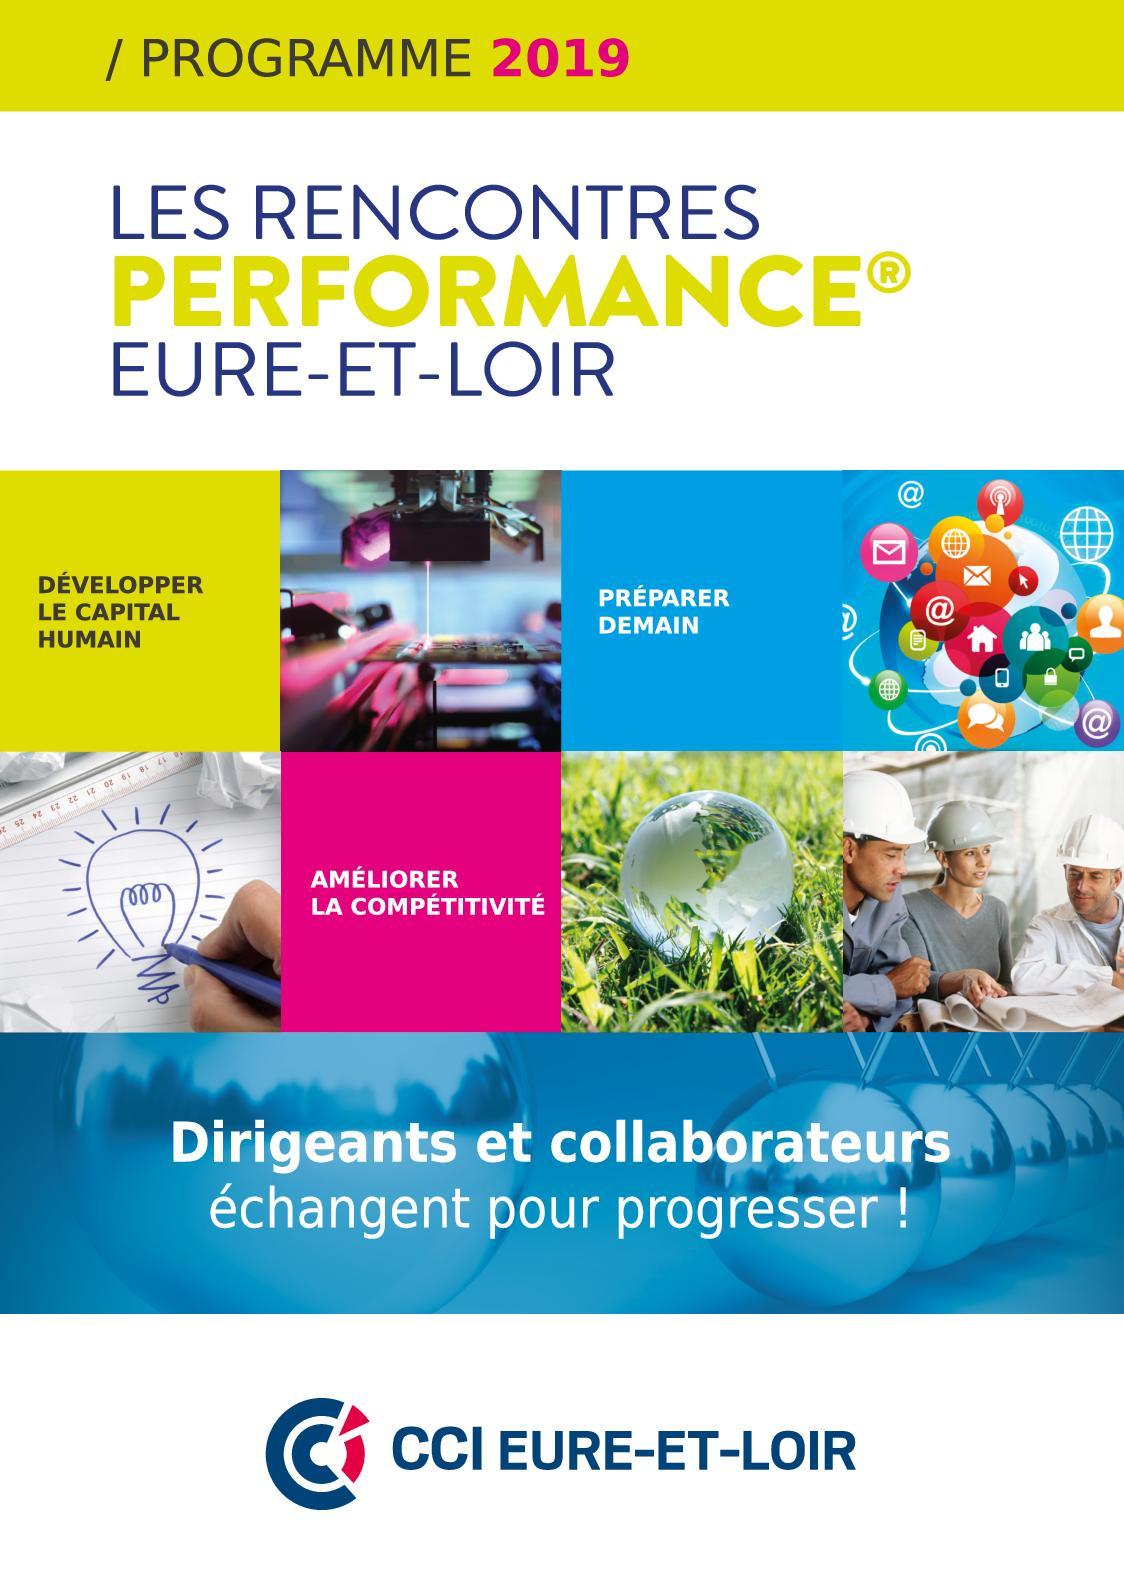 Les Rencontres Performance® Eure-et-Loir